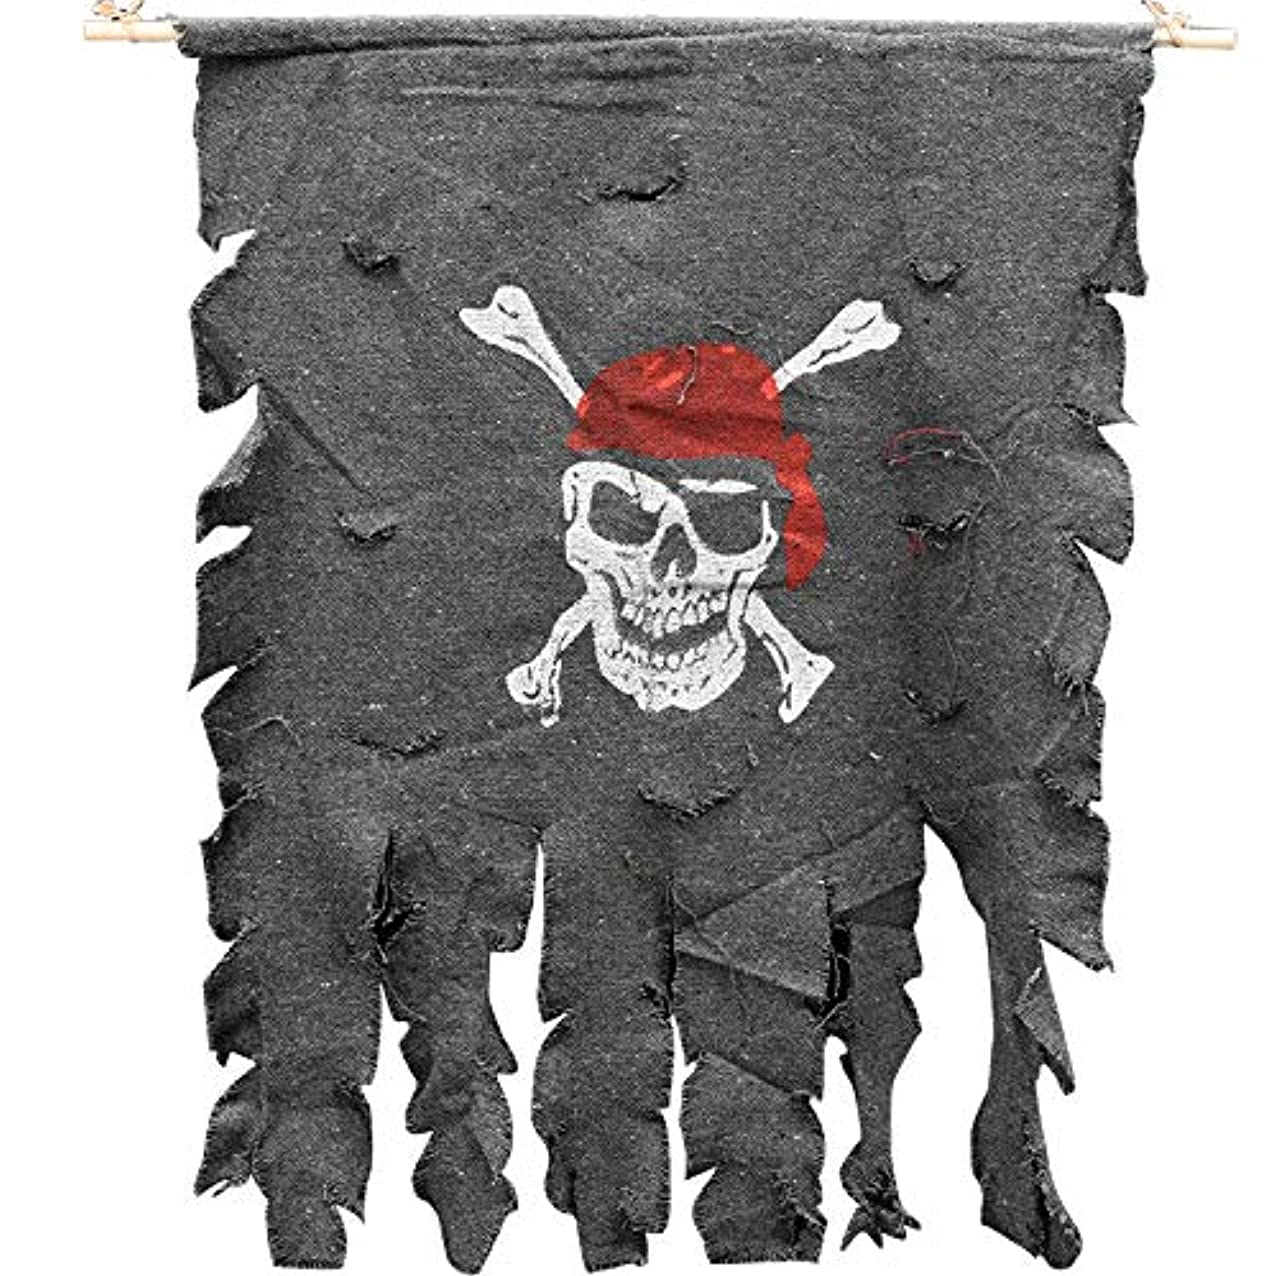 祈る正直スプーンETRRUU HOME ハロウィンジョリーロジャー大パーティーデコレーションKTV旗バナーぶら下げ旗アレンジメントの小道具